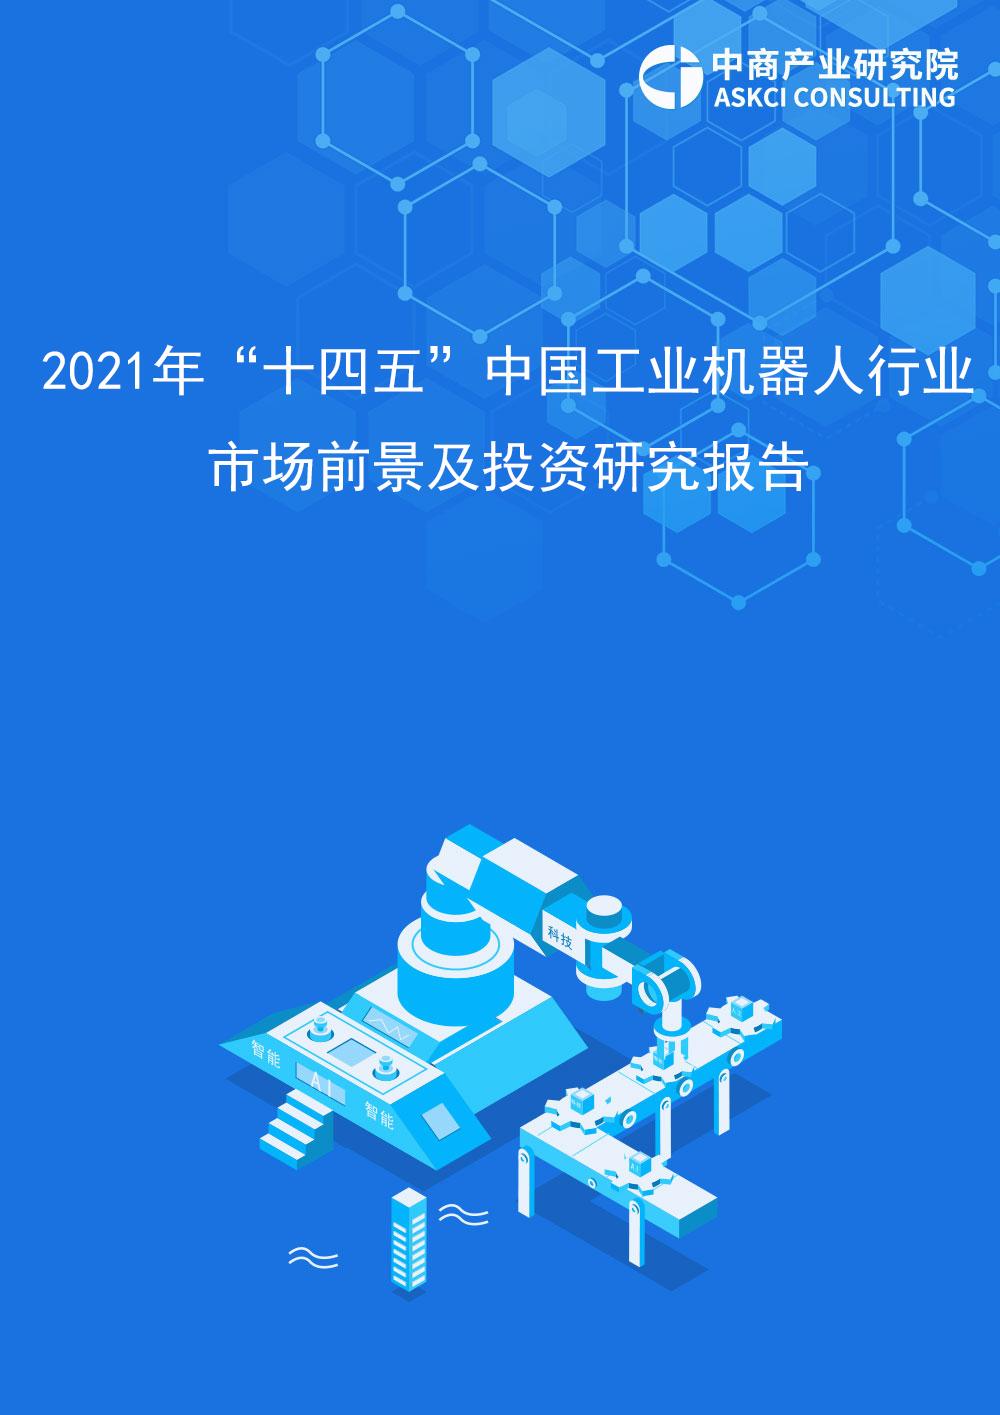 """2021年""""十四五""""中国工业机器人行业市场前景及投资研究报告"""